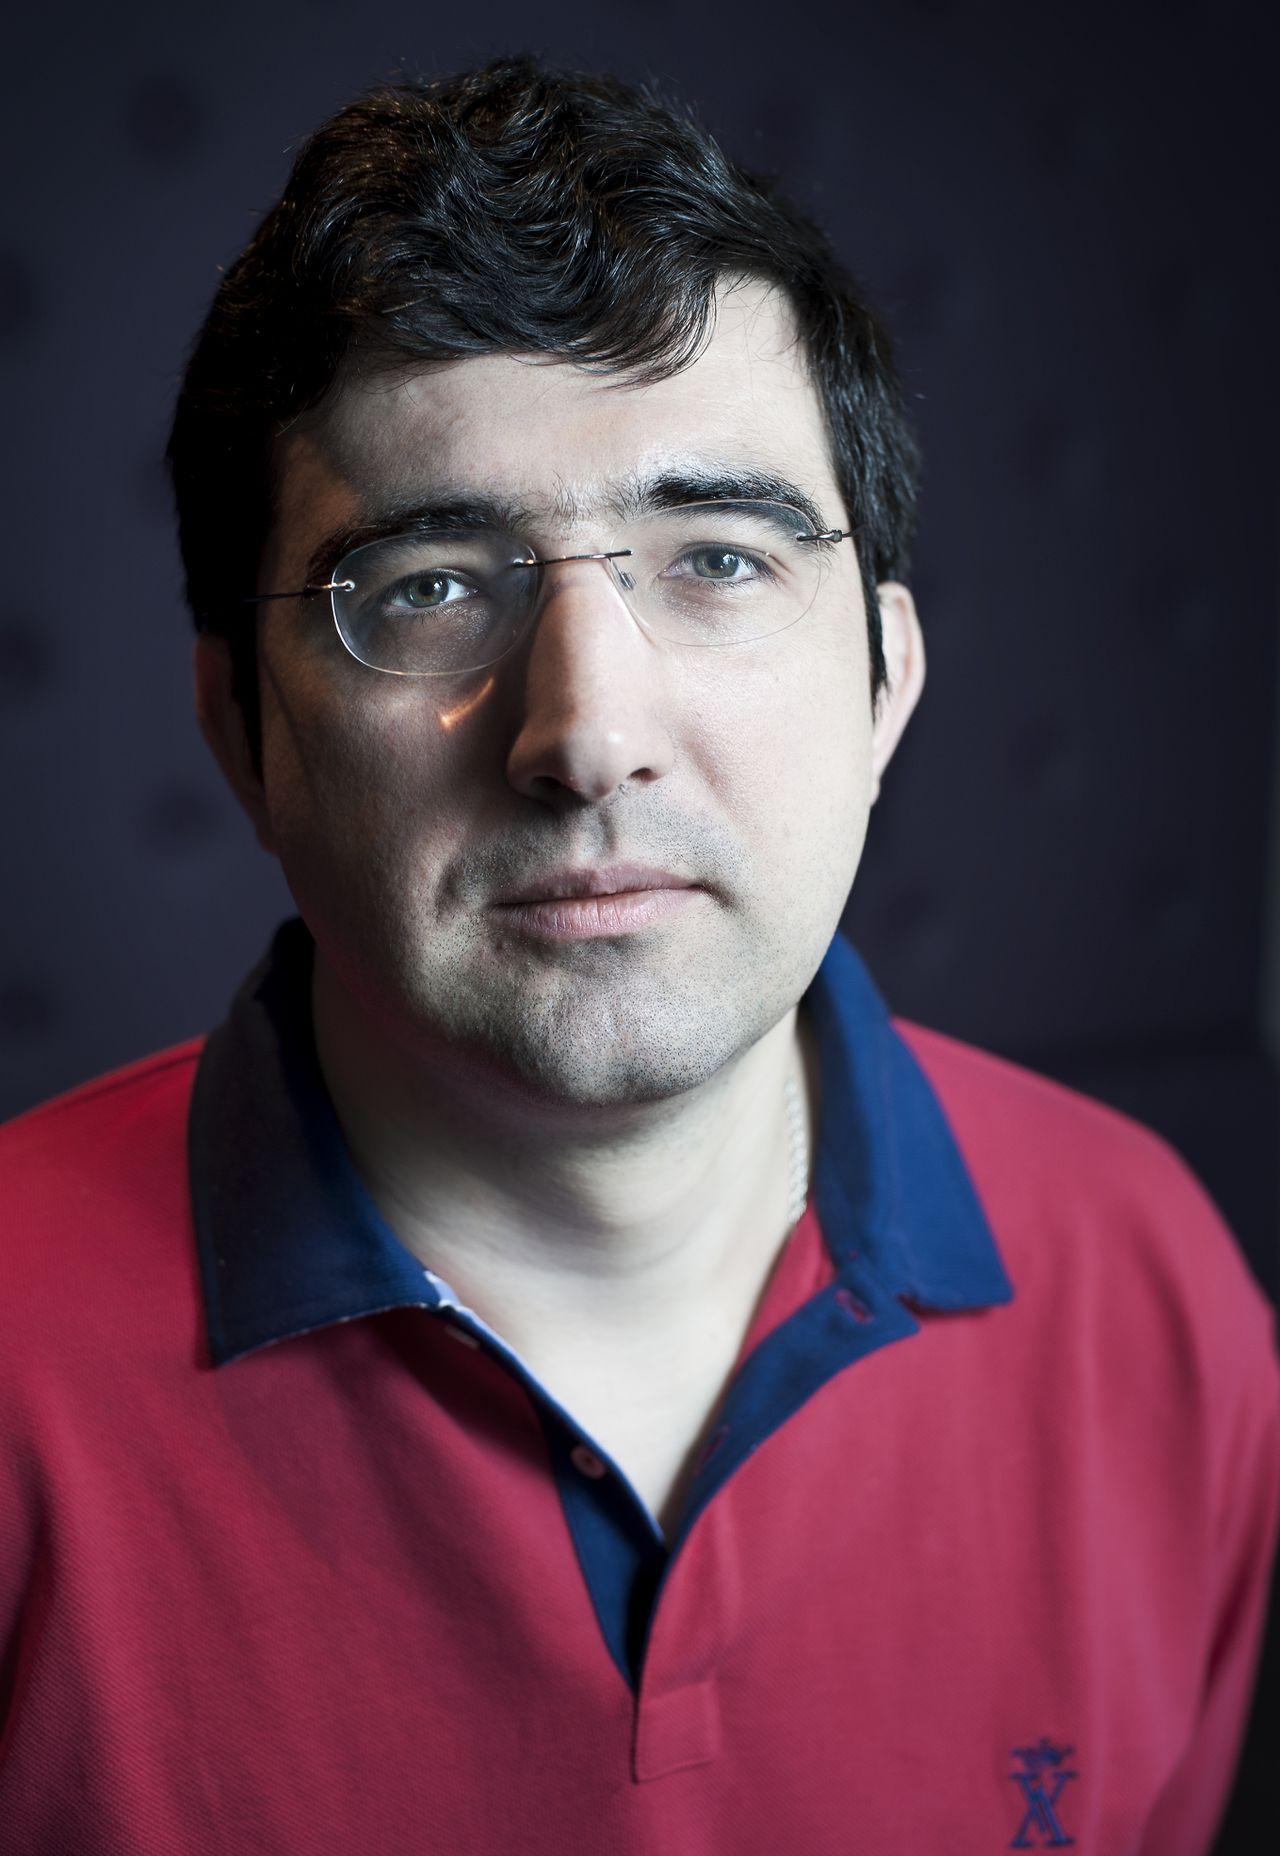 Nederland, Wijk aan Zee, 14-01-2010 Schaker Vladimir Kramnik is kanshebber voor de overwinning tijdens het Tata Steel Schaaktournooi. foto: Bram Budel